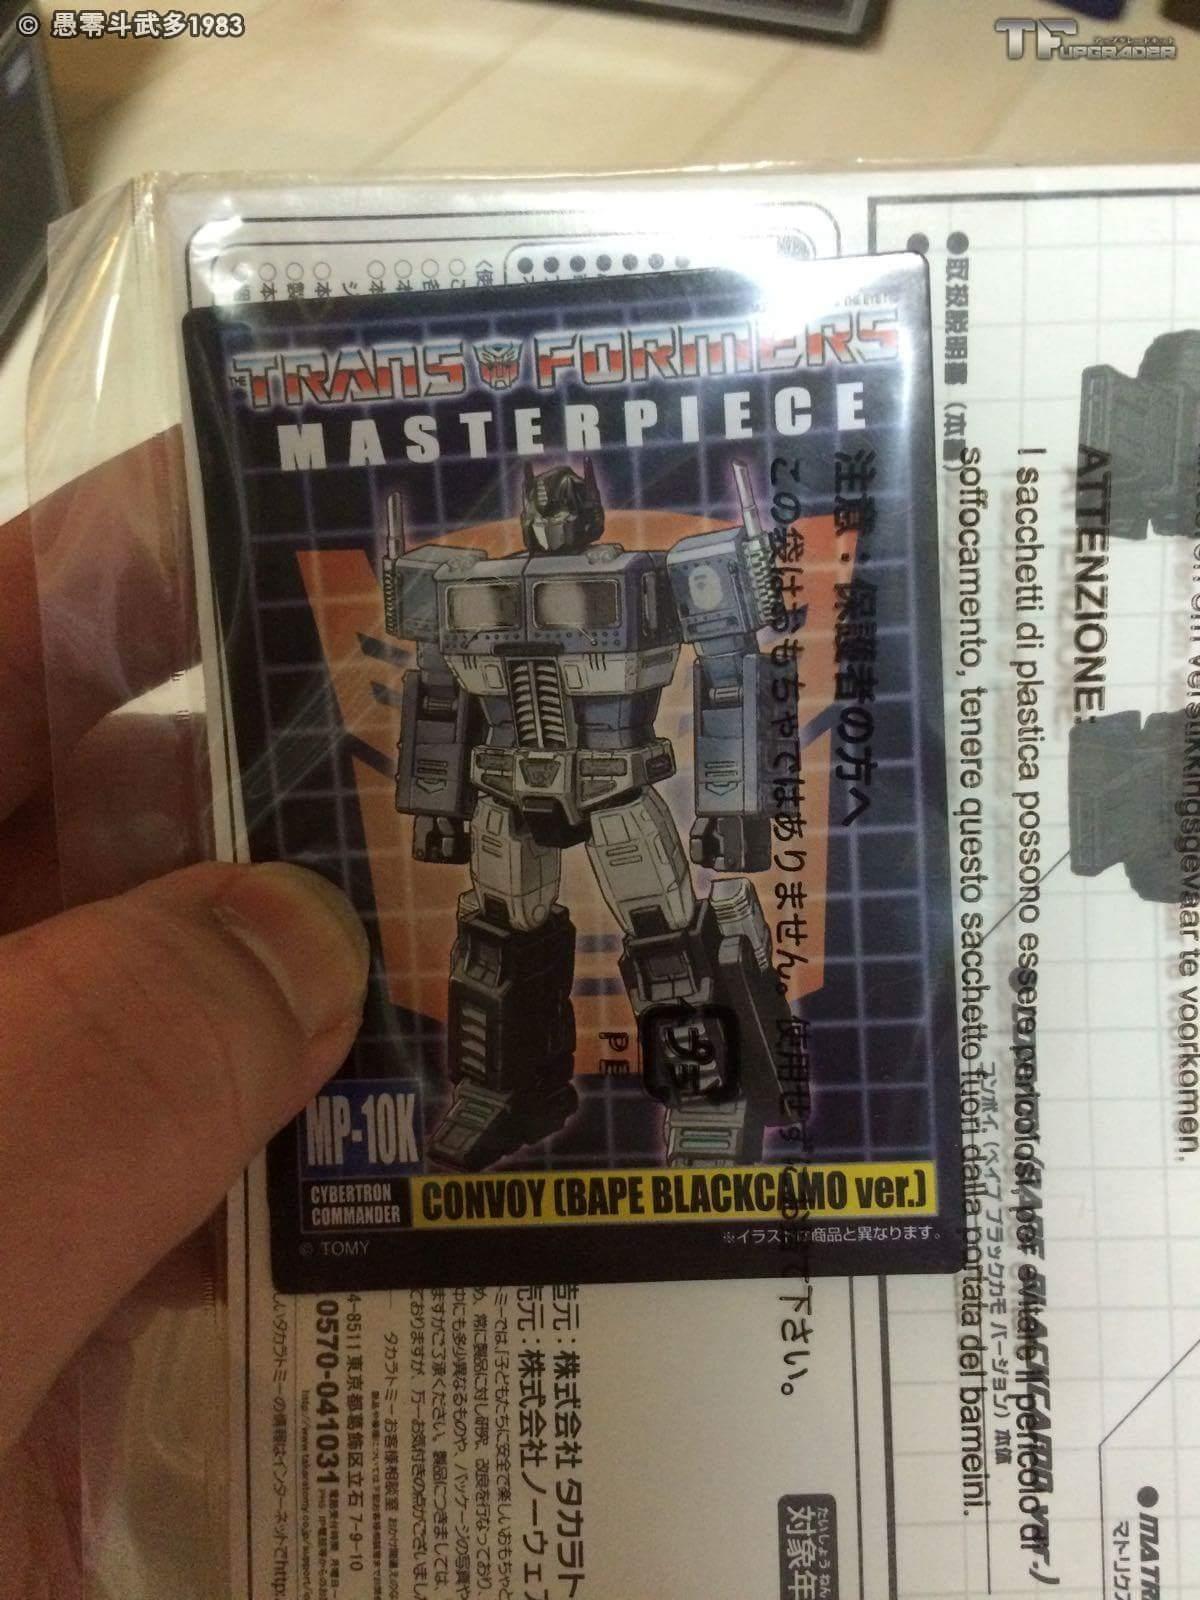 [Masterpiece] MP-10B | MP-10A | MP-10R | MP-10SG | MP-10K | MP-711 | MP-10G | MP-10 ASL ― Convoy (Optimus Prime/Optimus Primus) - Page 5 DCHiCZdx